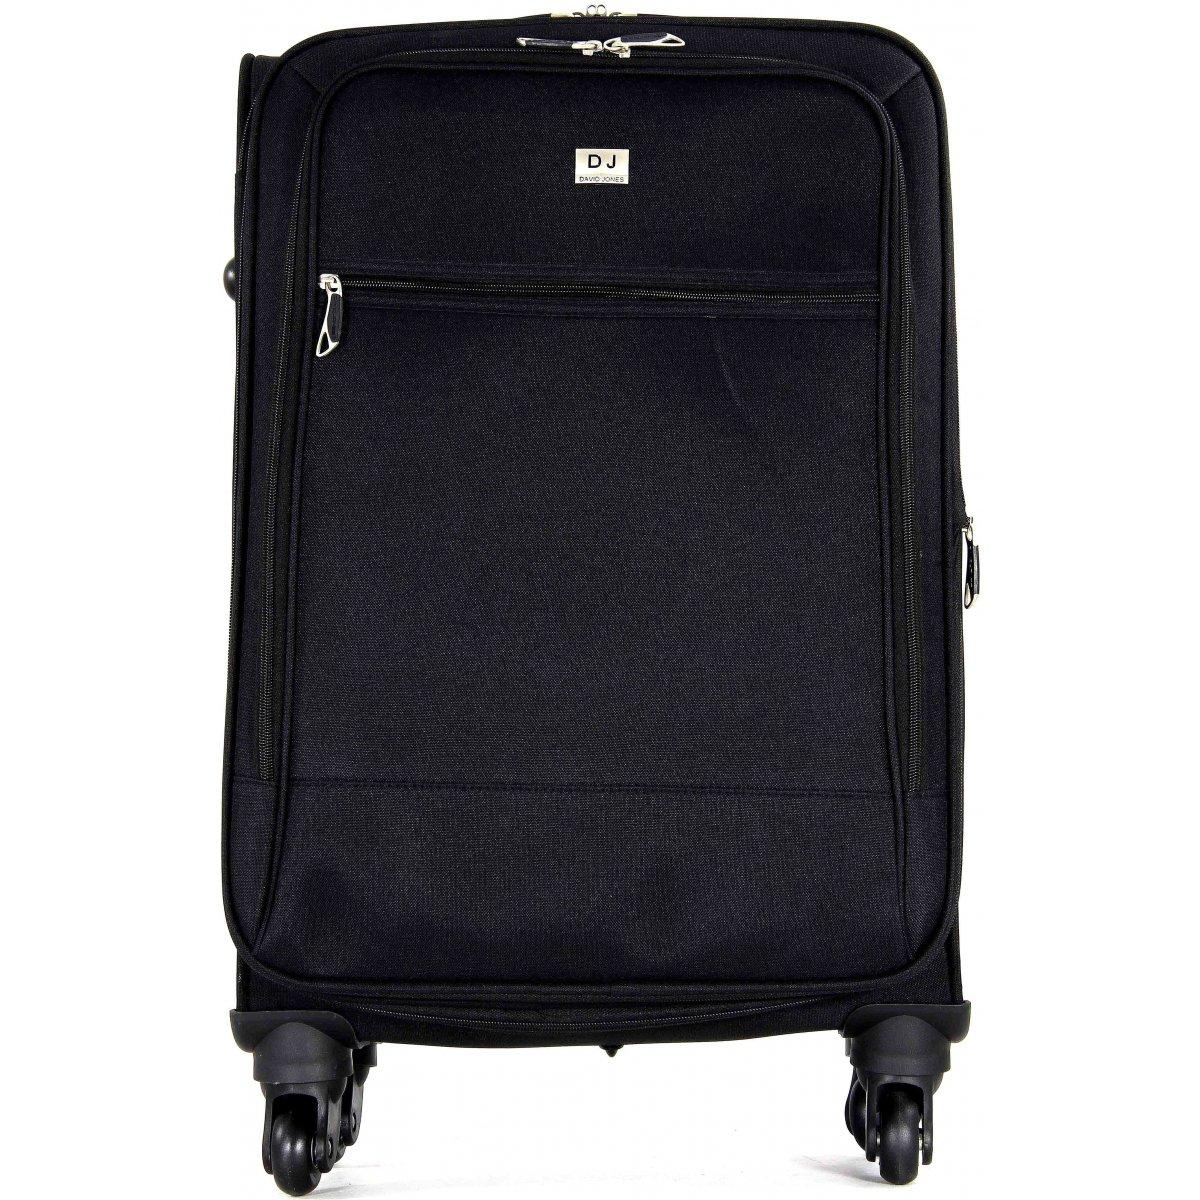 Lot 3 valises dont 1 cabine ryanair david jones r20033 couleur principale - Valise a prix discount ...